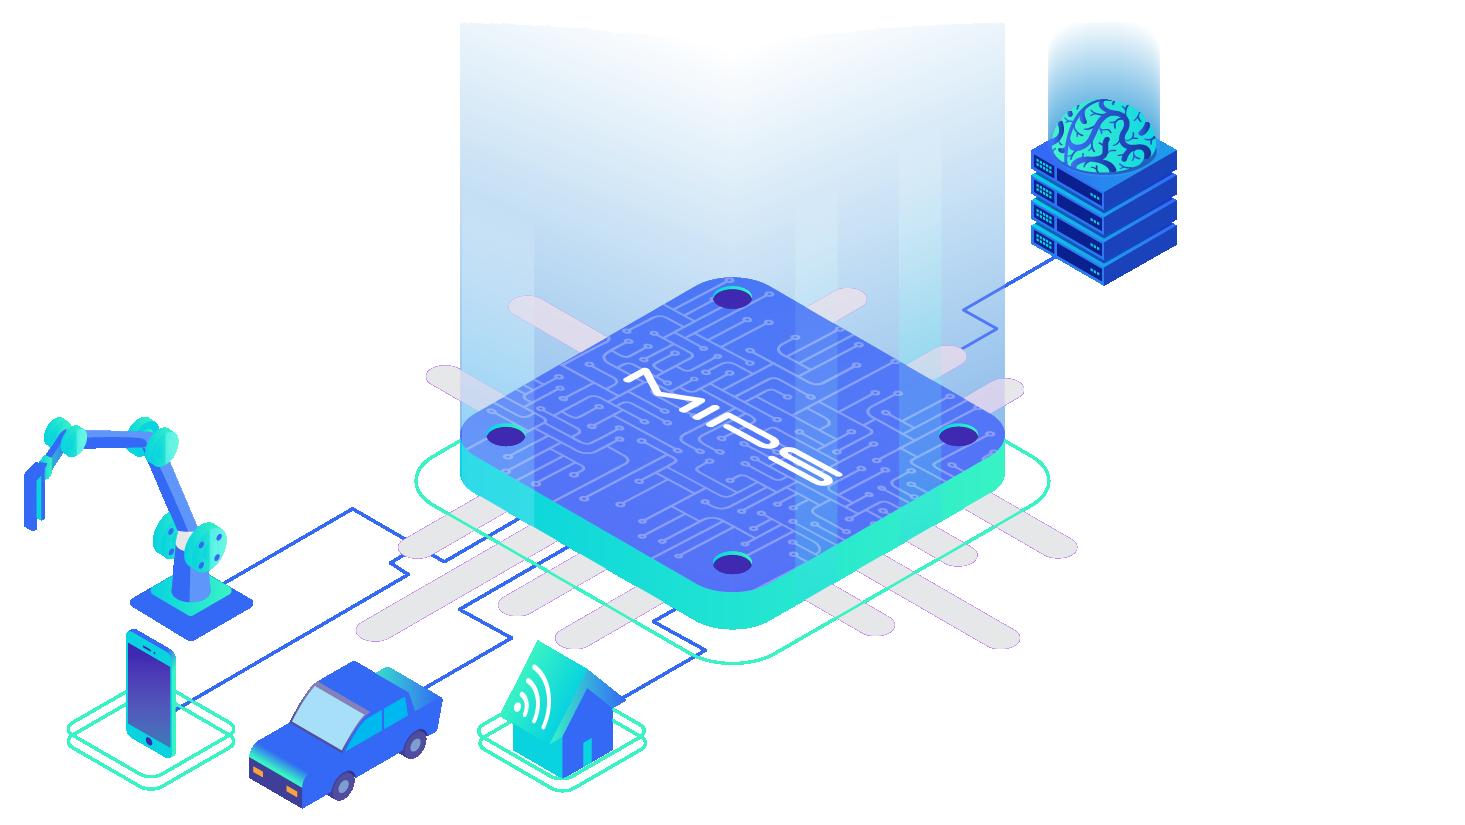 Легким движением руки MIPS Technologies превращается в RISC-V